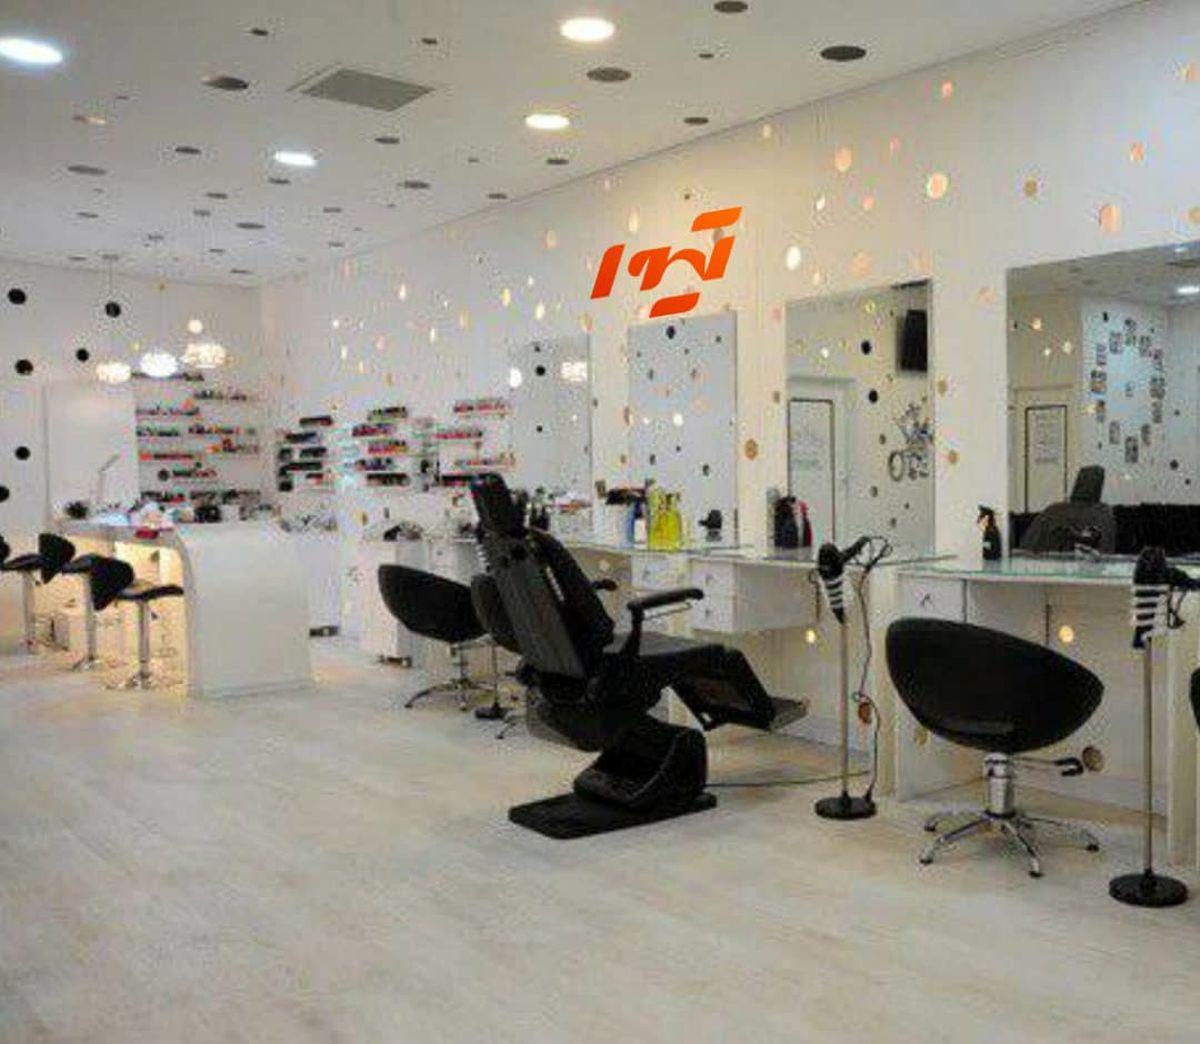 پیشنهاد فروش شیشه به مشتریان در آرایشگاه های زنانه